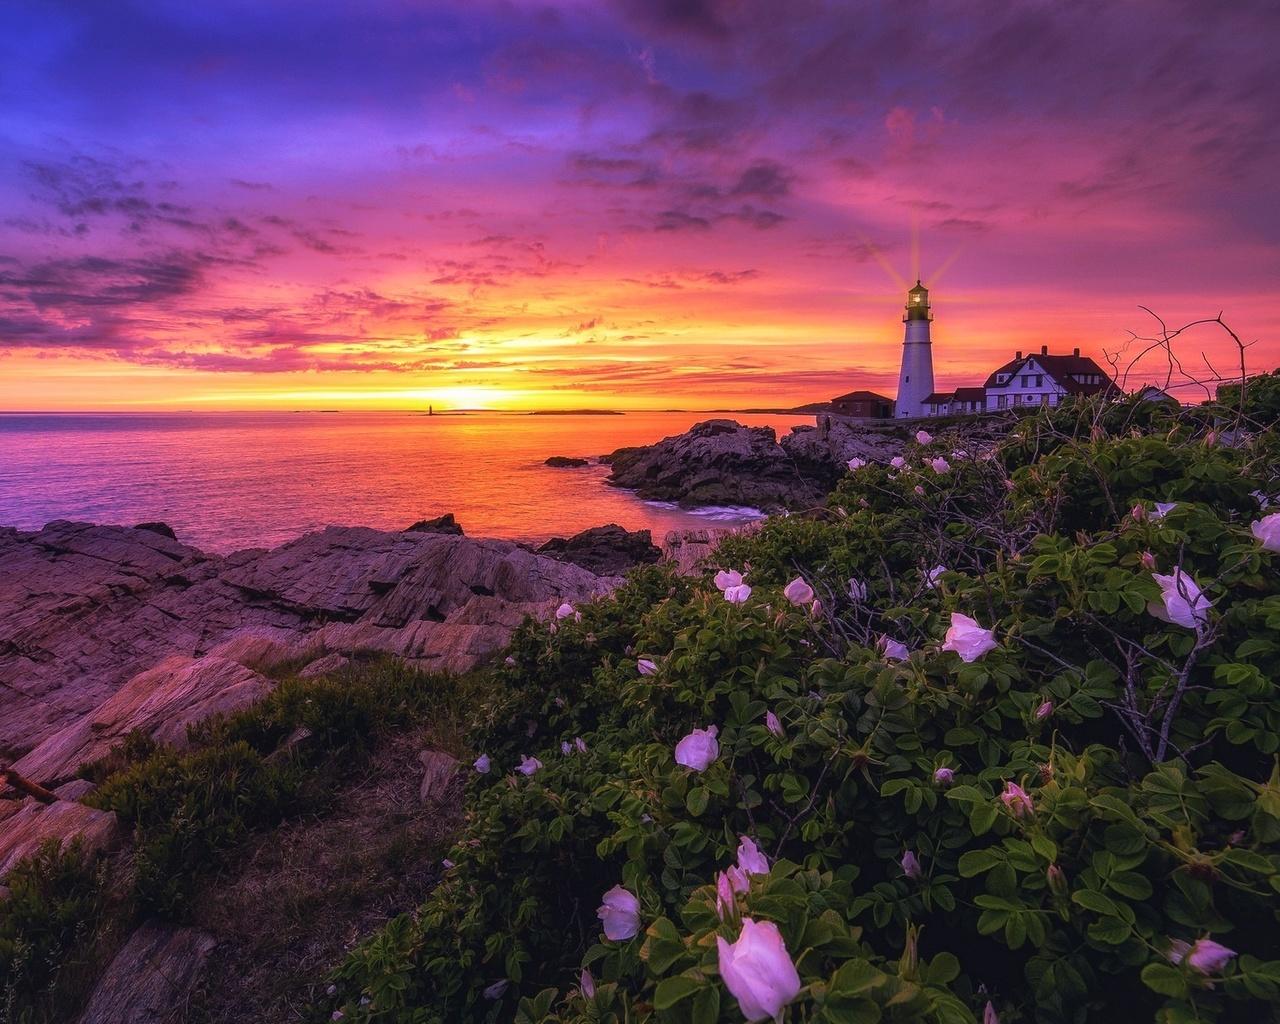 море, небо, маяк